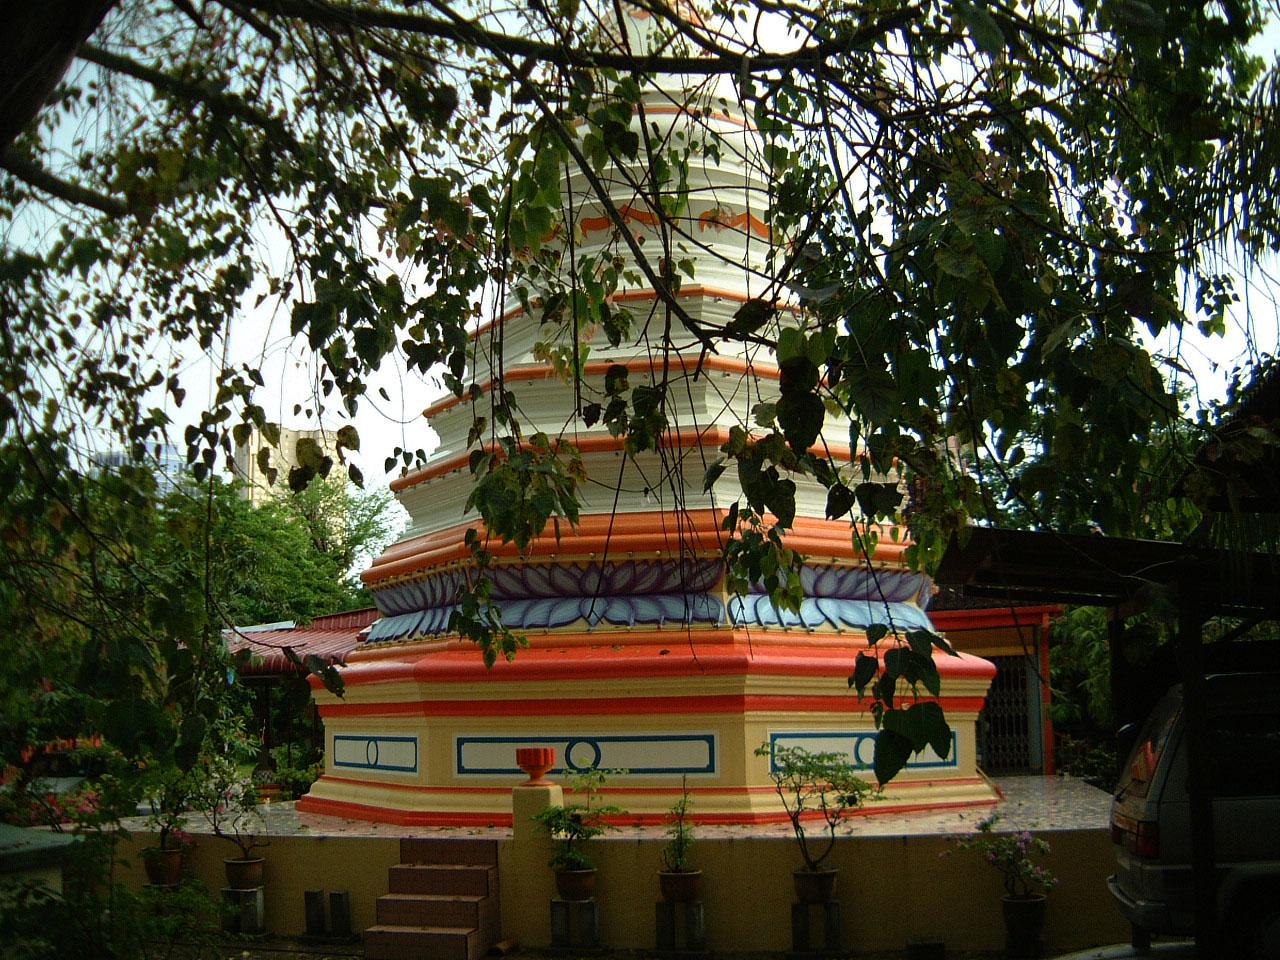 Penang Chinese Monastery pagoda Mar 2001 04